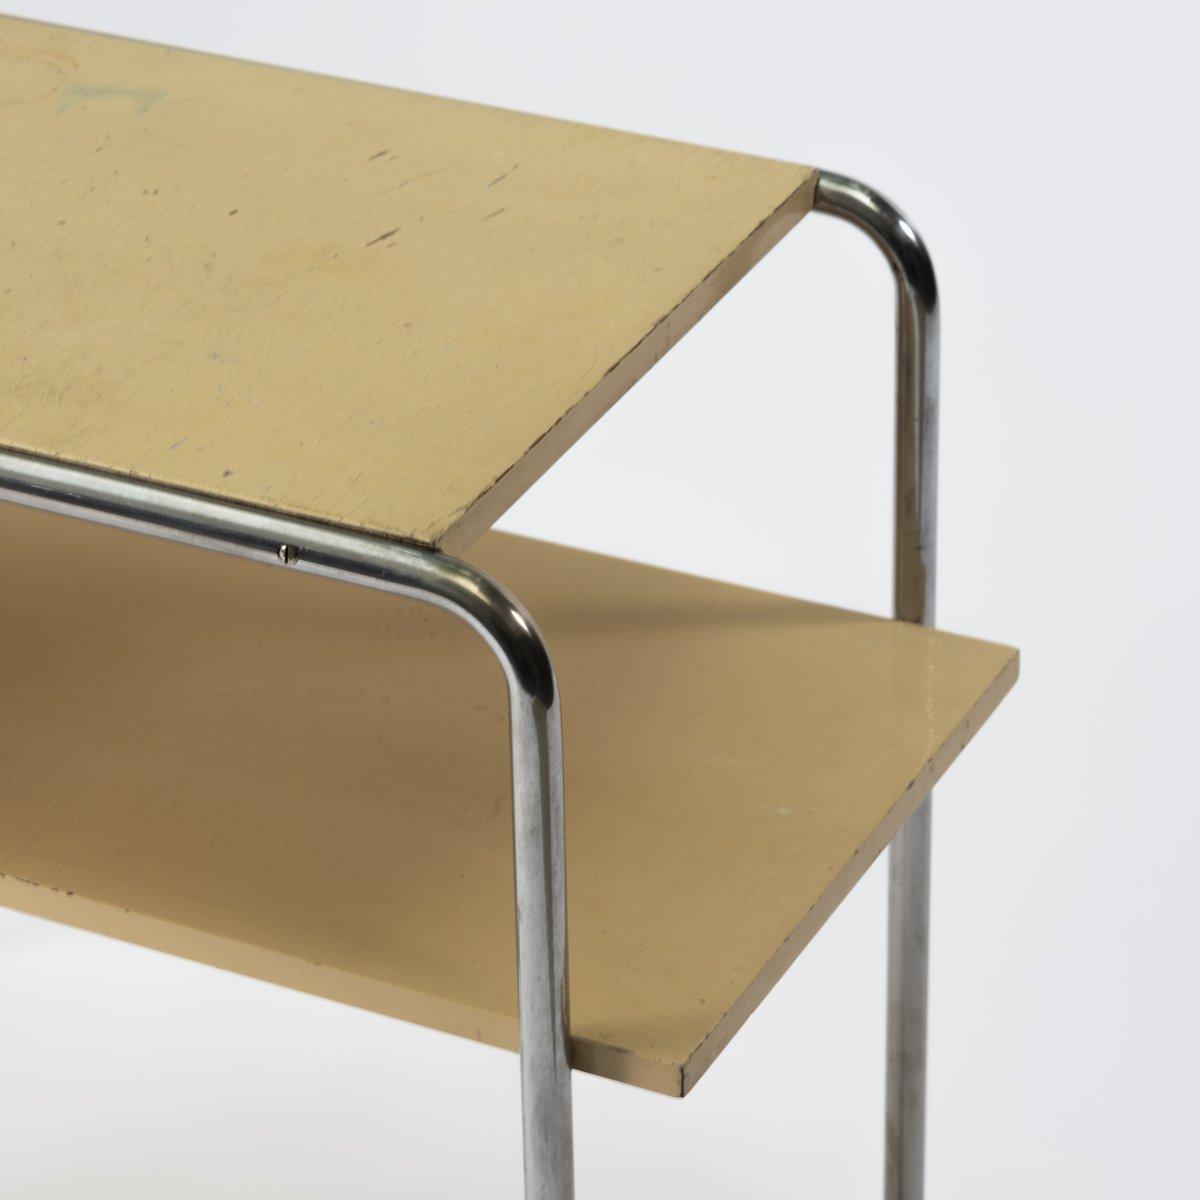 Los 36 - Marcel Breuer, Ablegetisch 'B 12', um 1927Ablegetisch 'B 12', um 1927H. 60,5 x 75,5 x 38 cm; Ø 2,0